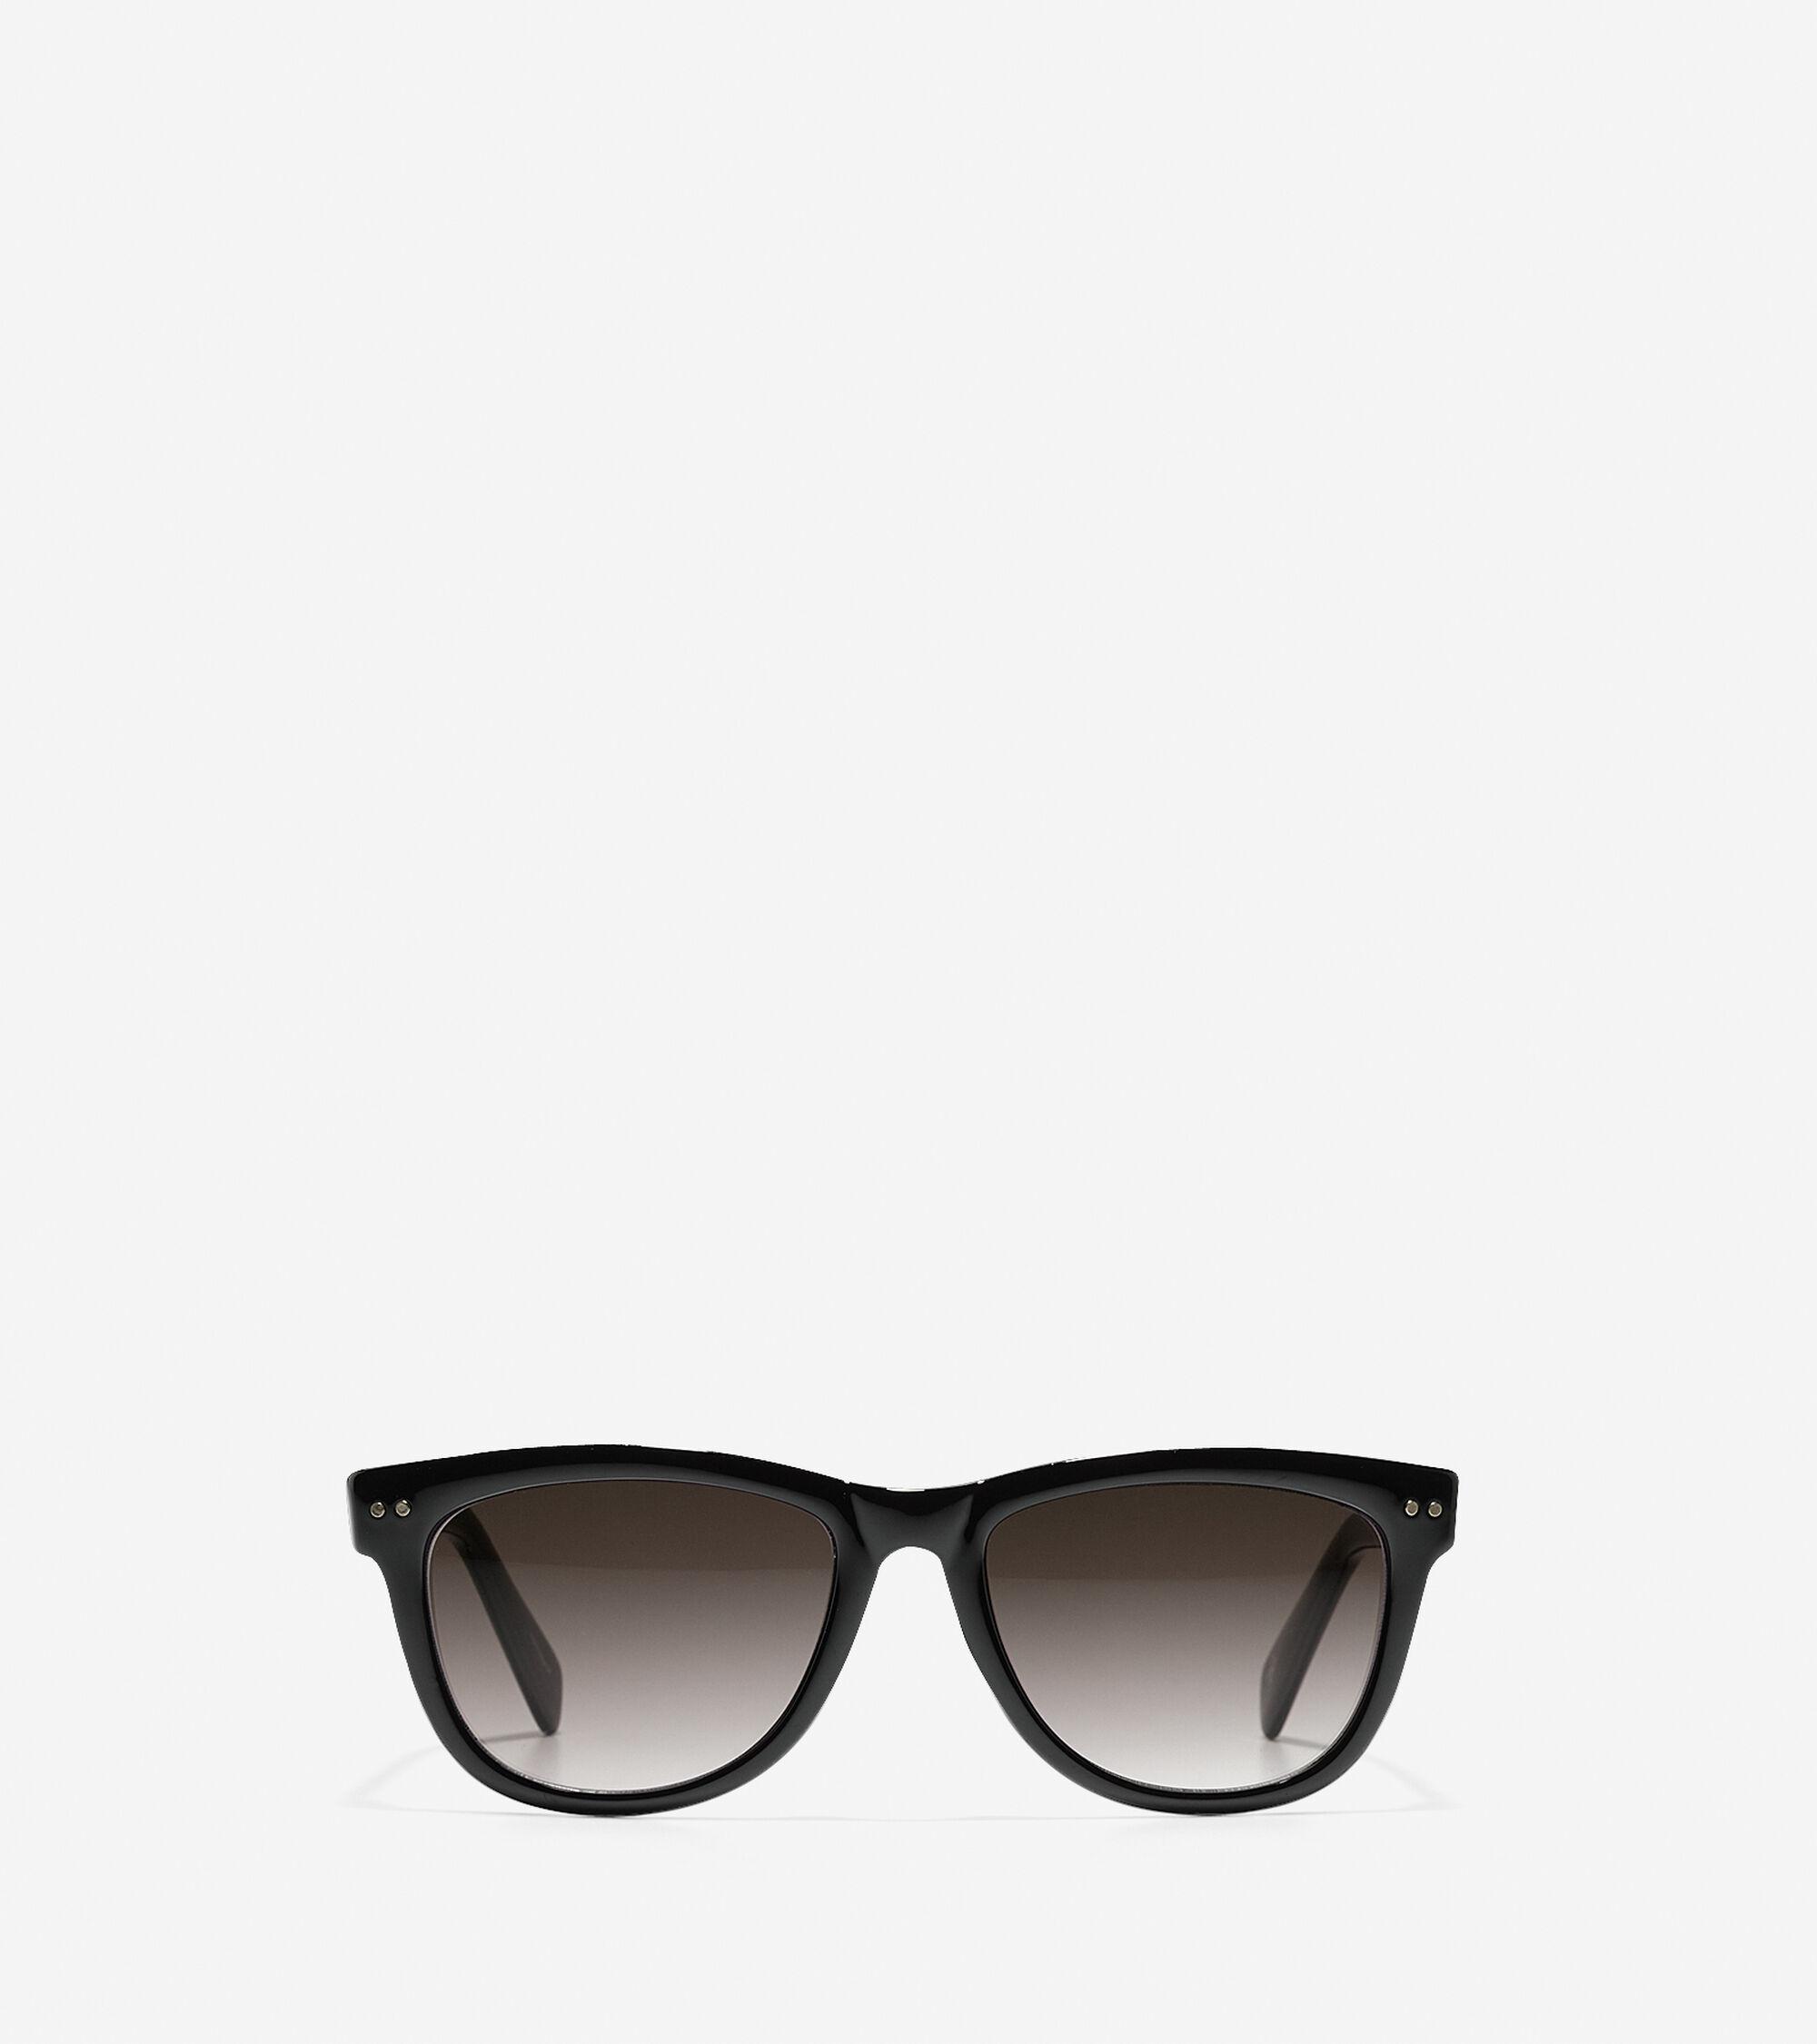 Accessories > Acetate Tapered Square Sunglasses